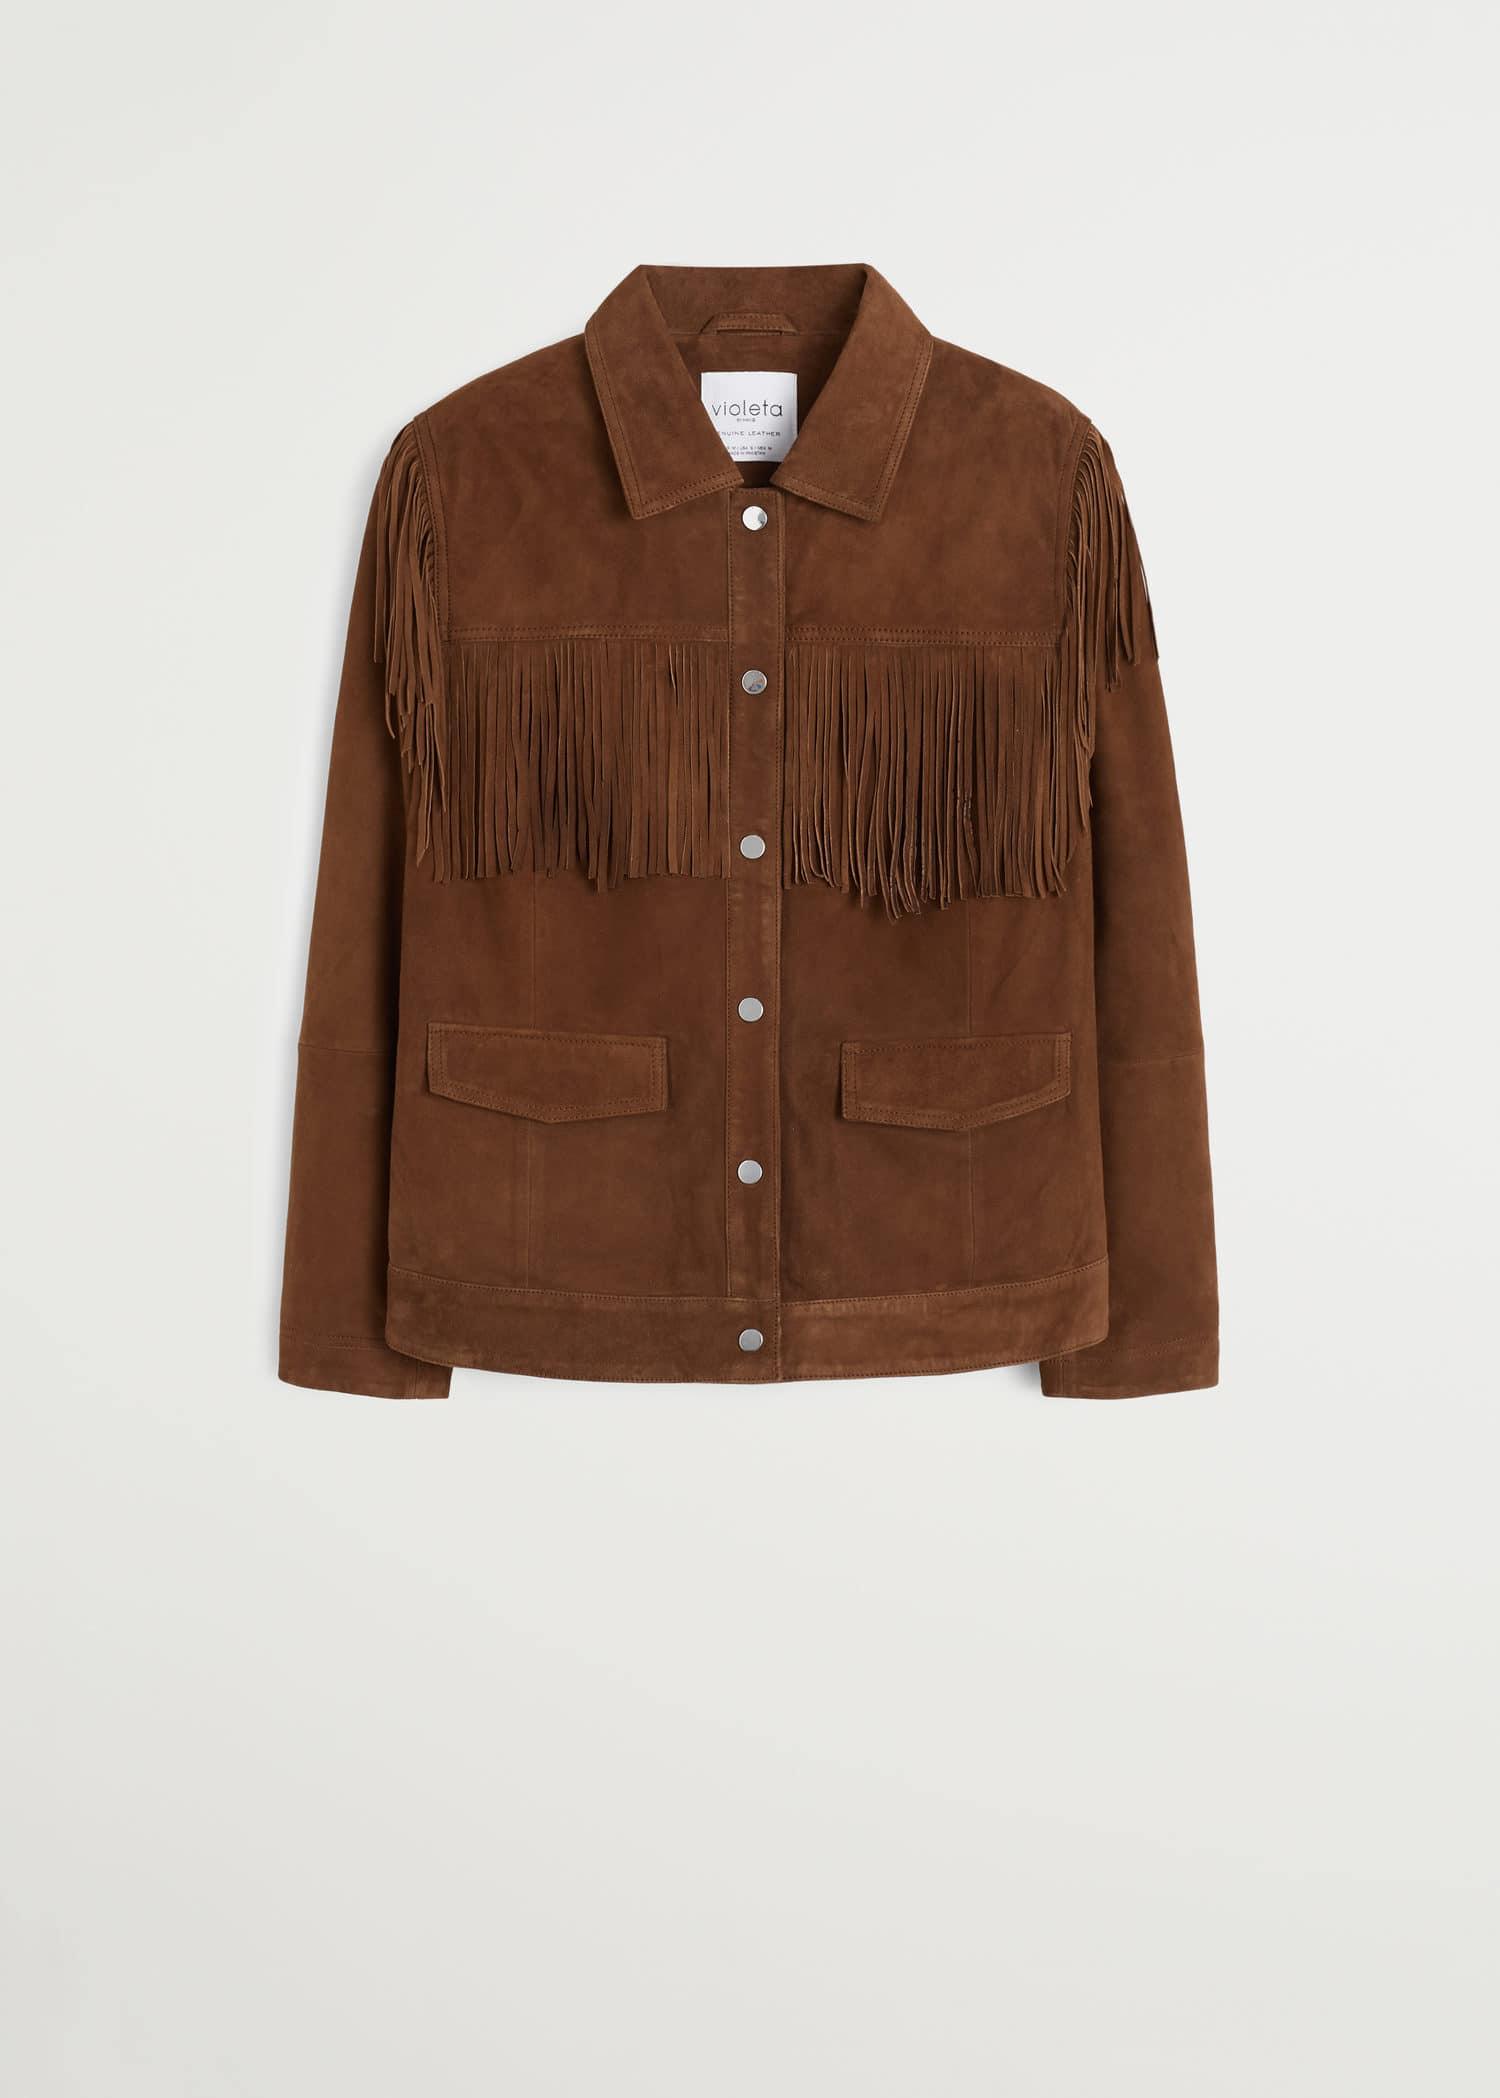 Jacke aus 100 % leder mit fransen Große größen | Violeta